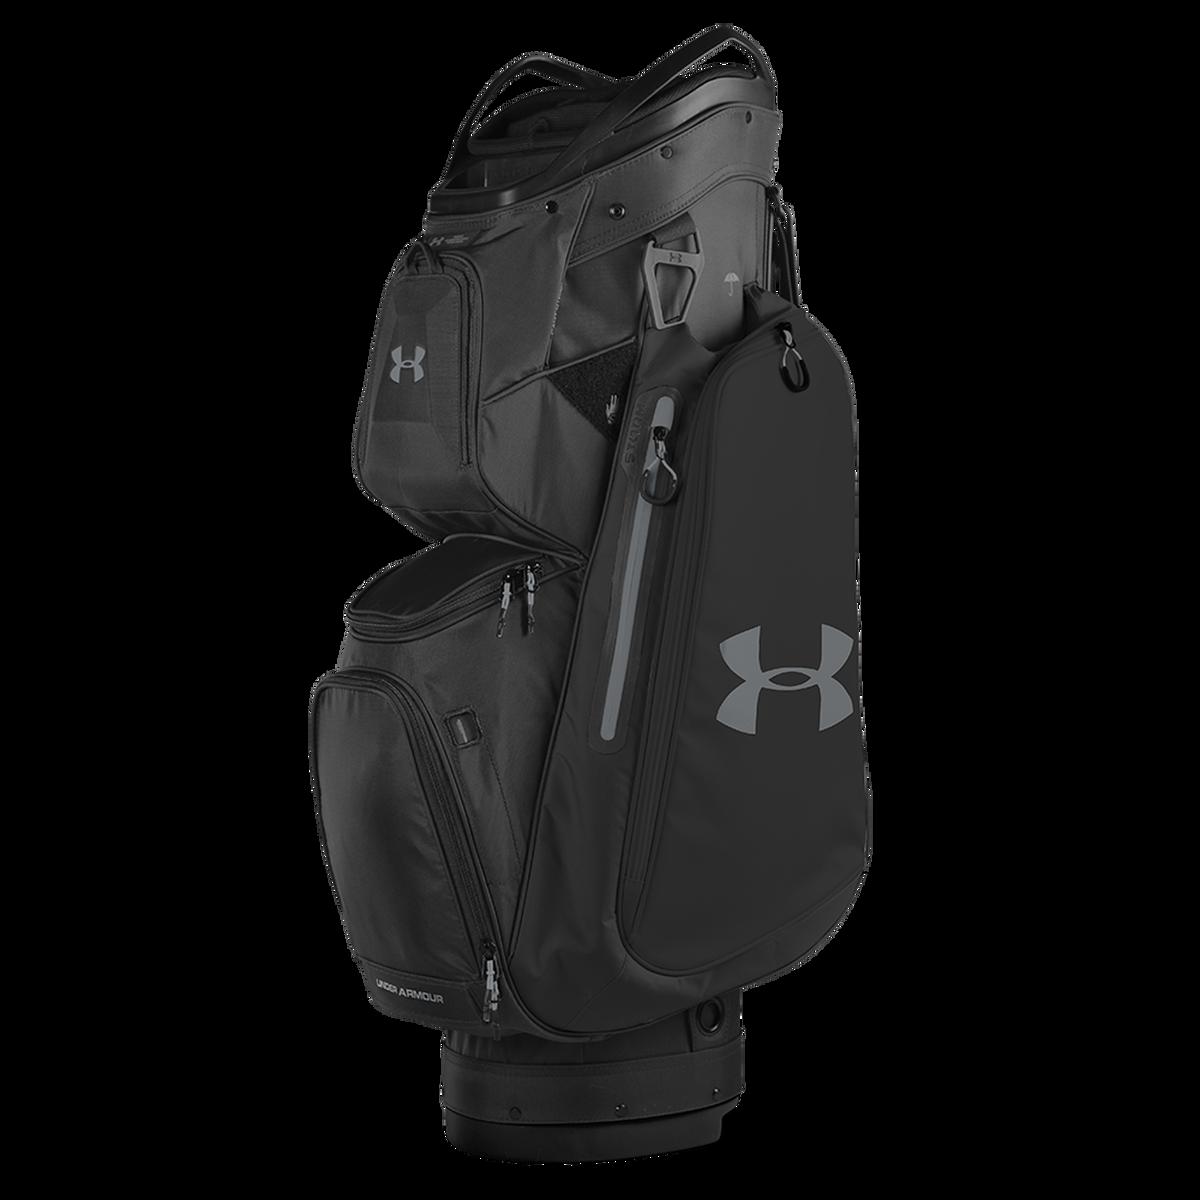 e180784cd33 Under Armour Storm Armada Cart Bag | PGA TOUR Superstore